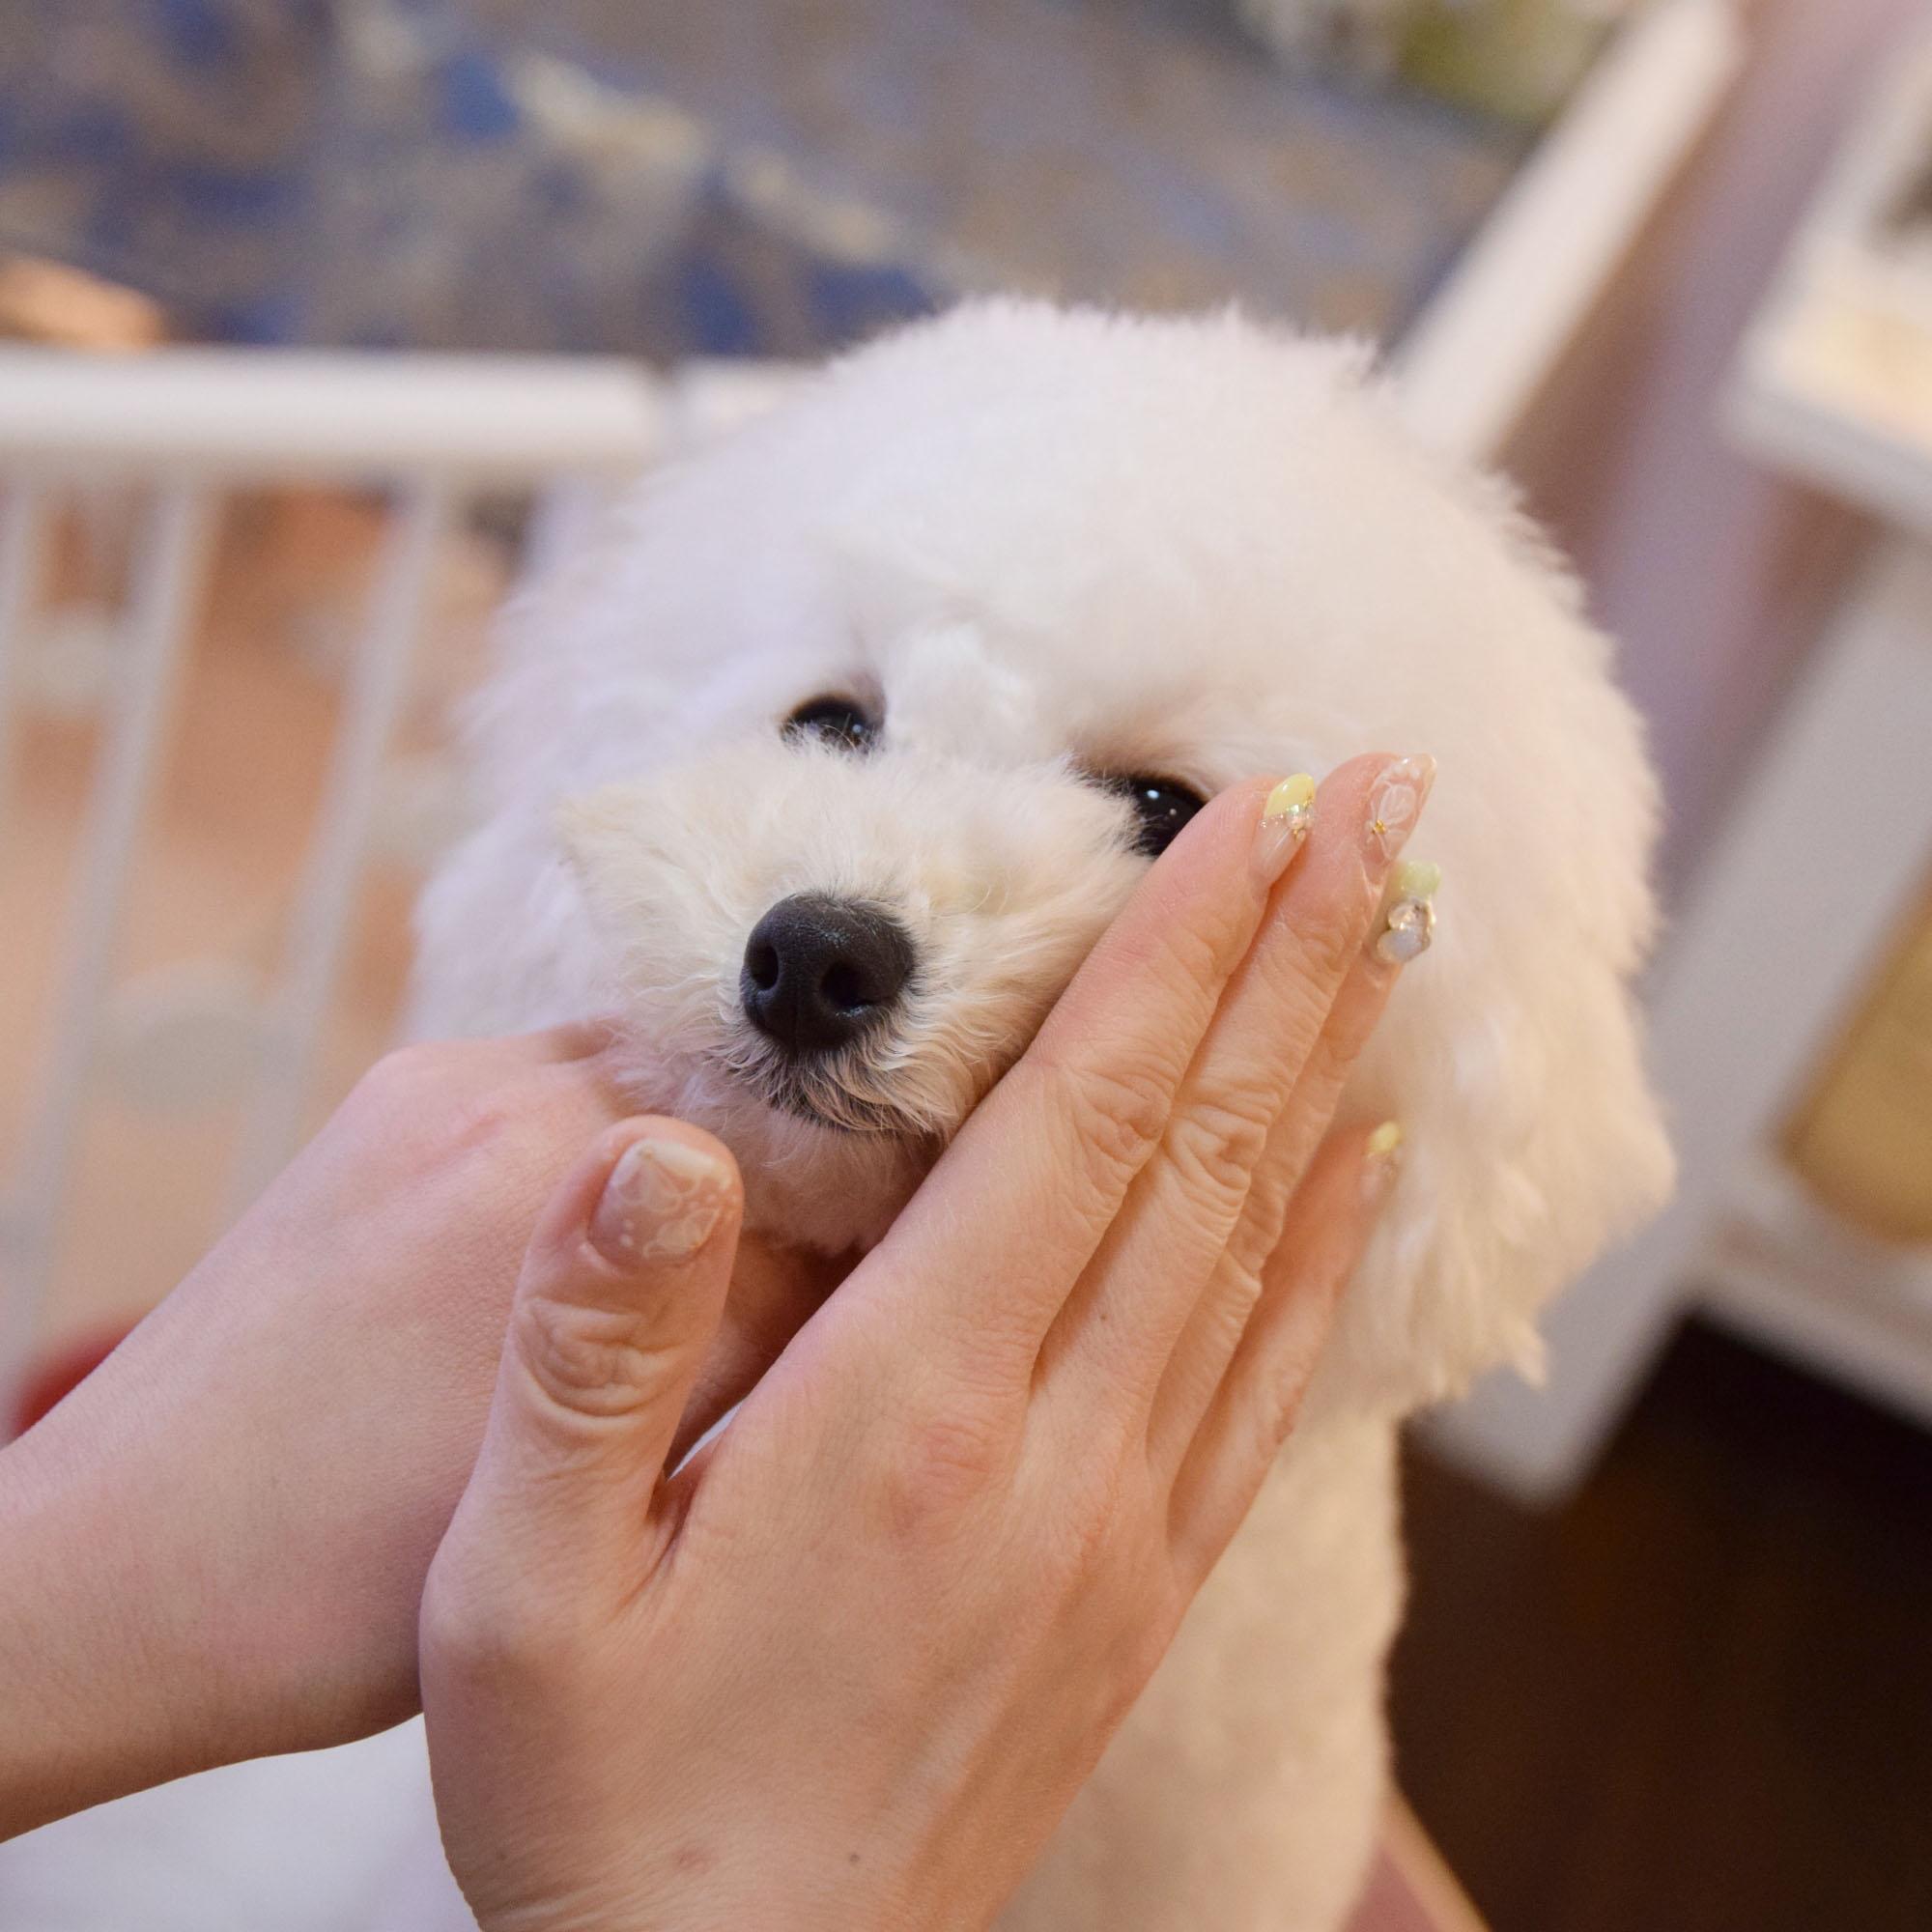 ●お顔周りはそのままスプレーすると怖がるワンちゃんもいますので、人の手に取ってから化粧水を馴染ませるように塗布して下さい。